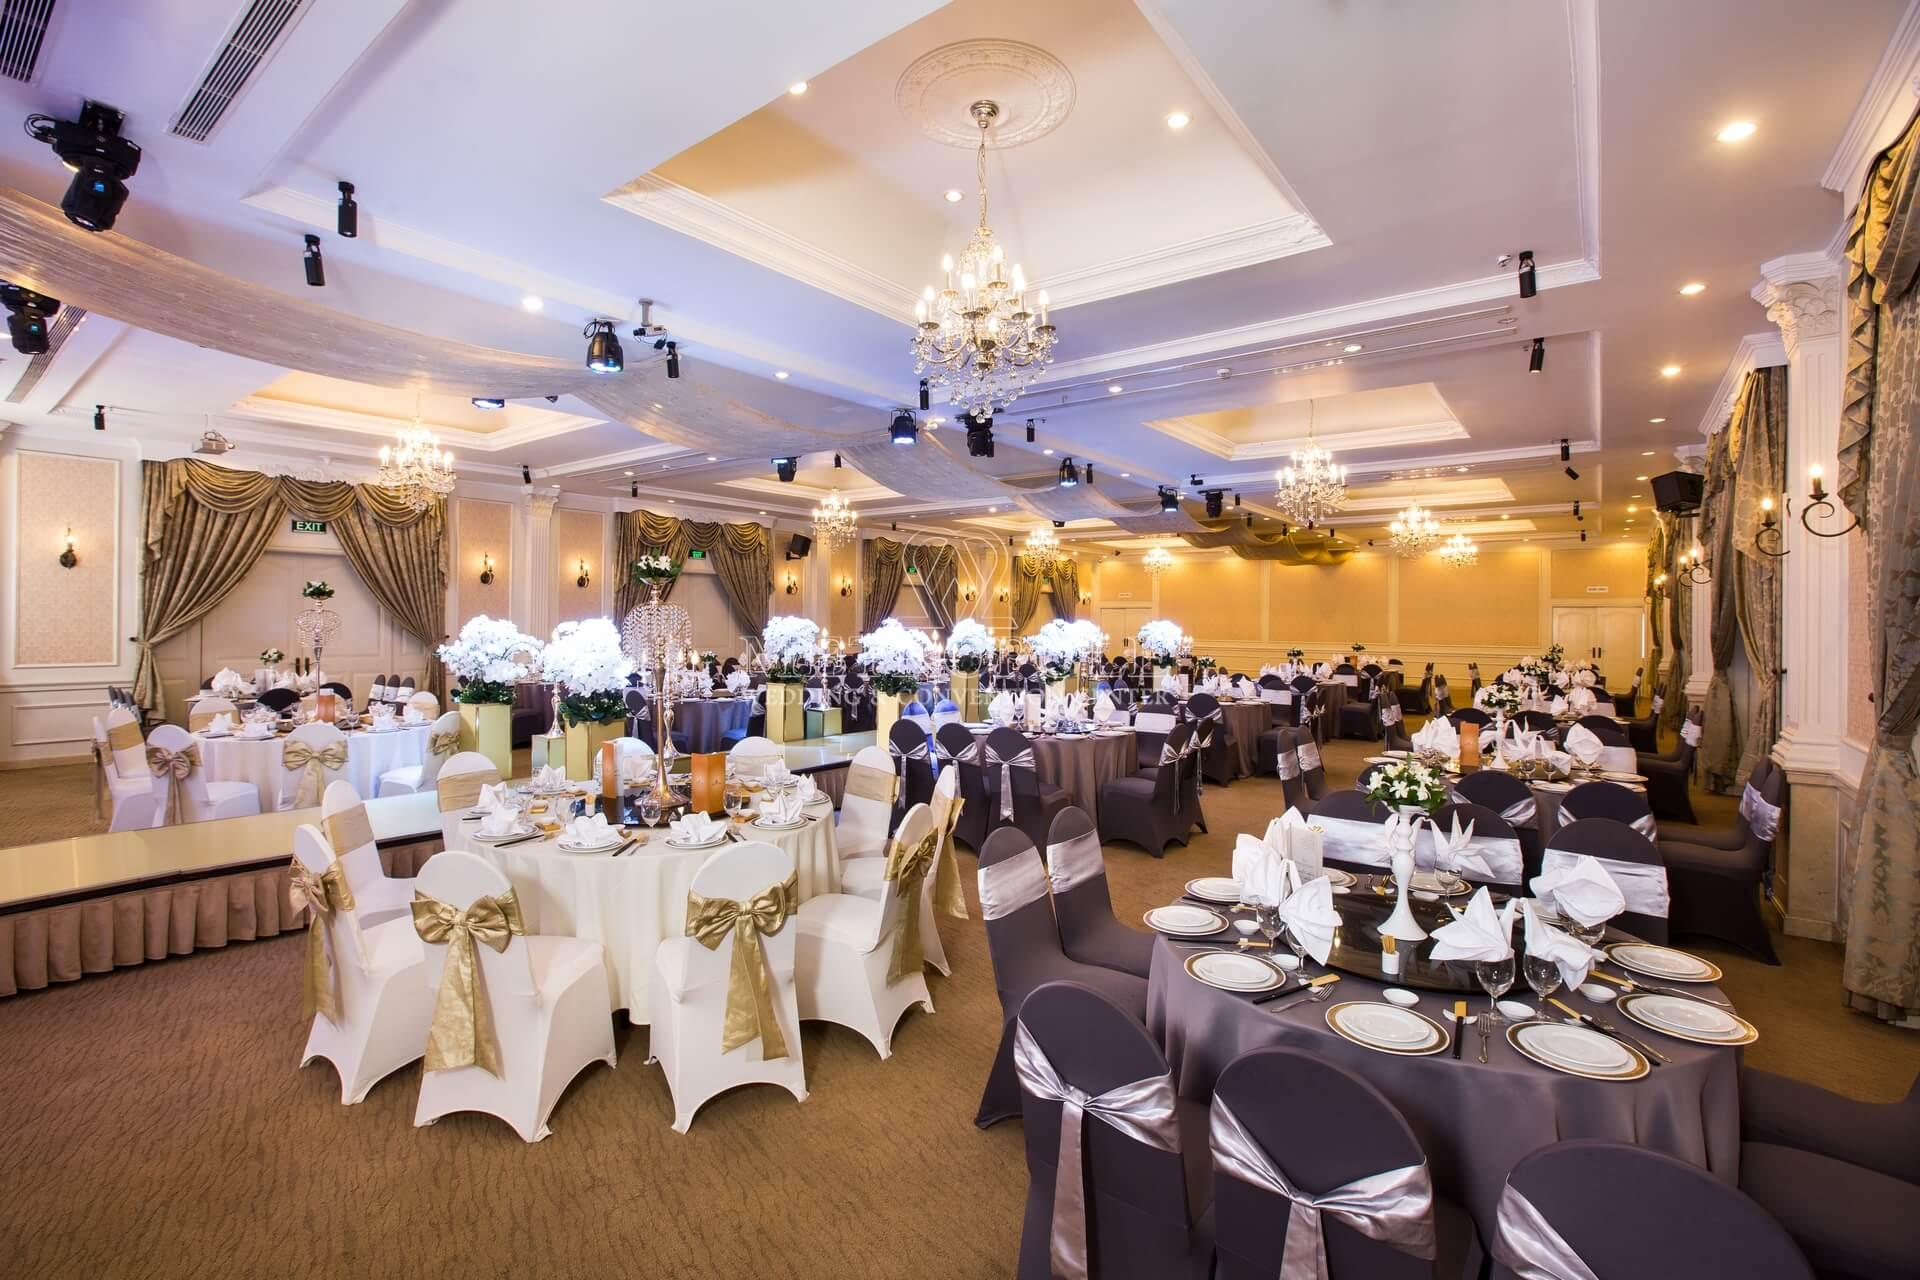 tổ chức tiệc cưới nhà hàng Metropole Lý Chính Thắng